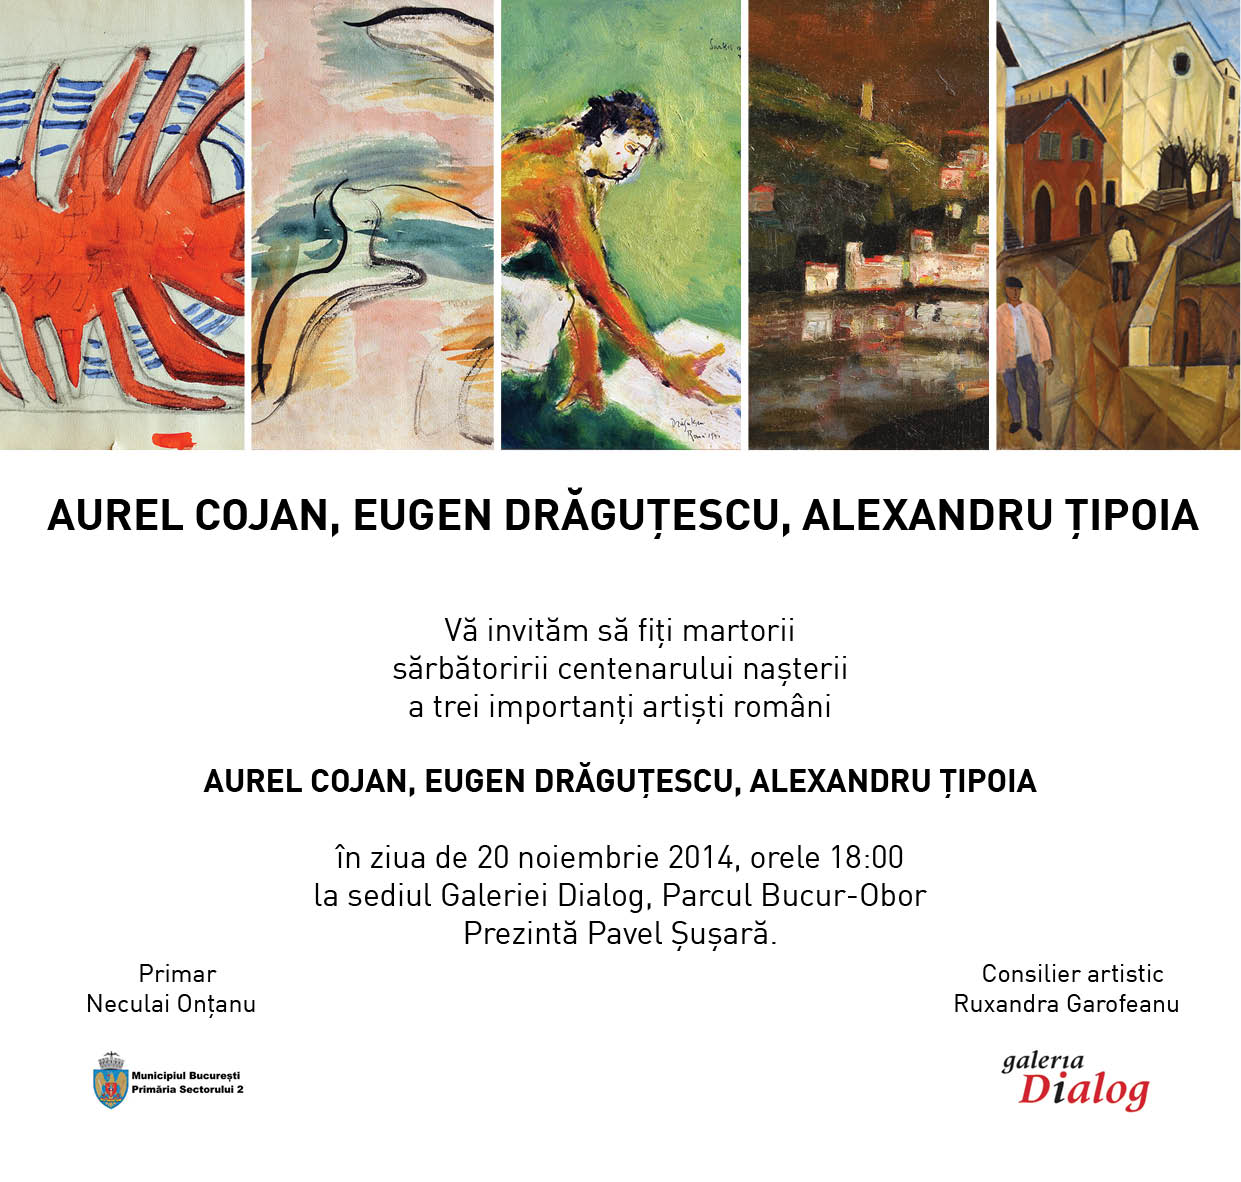 Centenar Aurel Cojan, Eugen Drăguțescu, Alexandru Țipoia @ Galeria Dialog, București